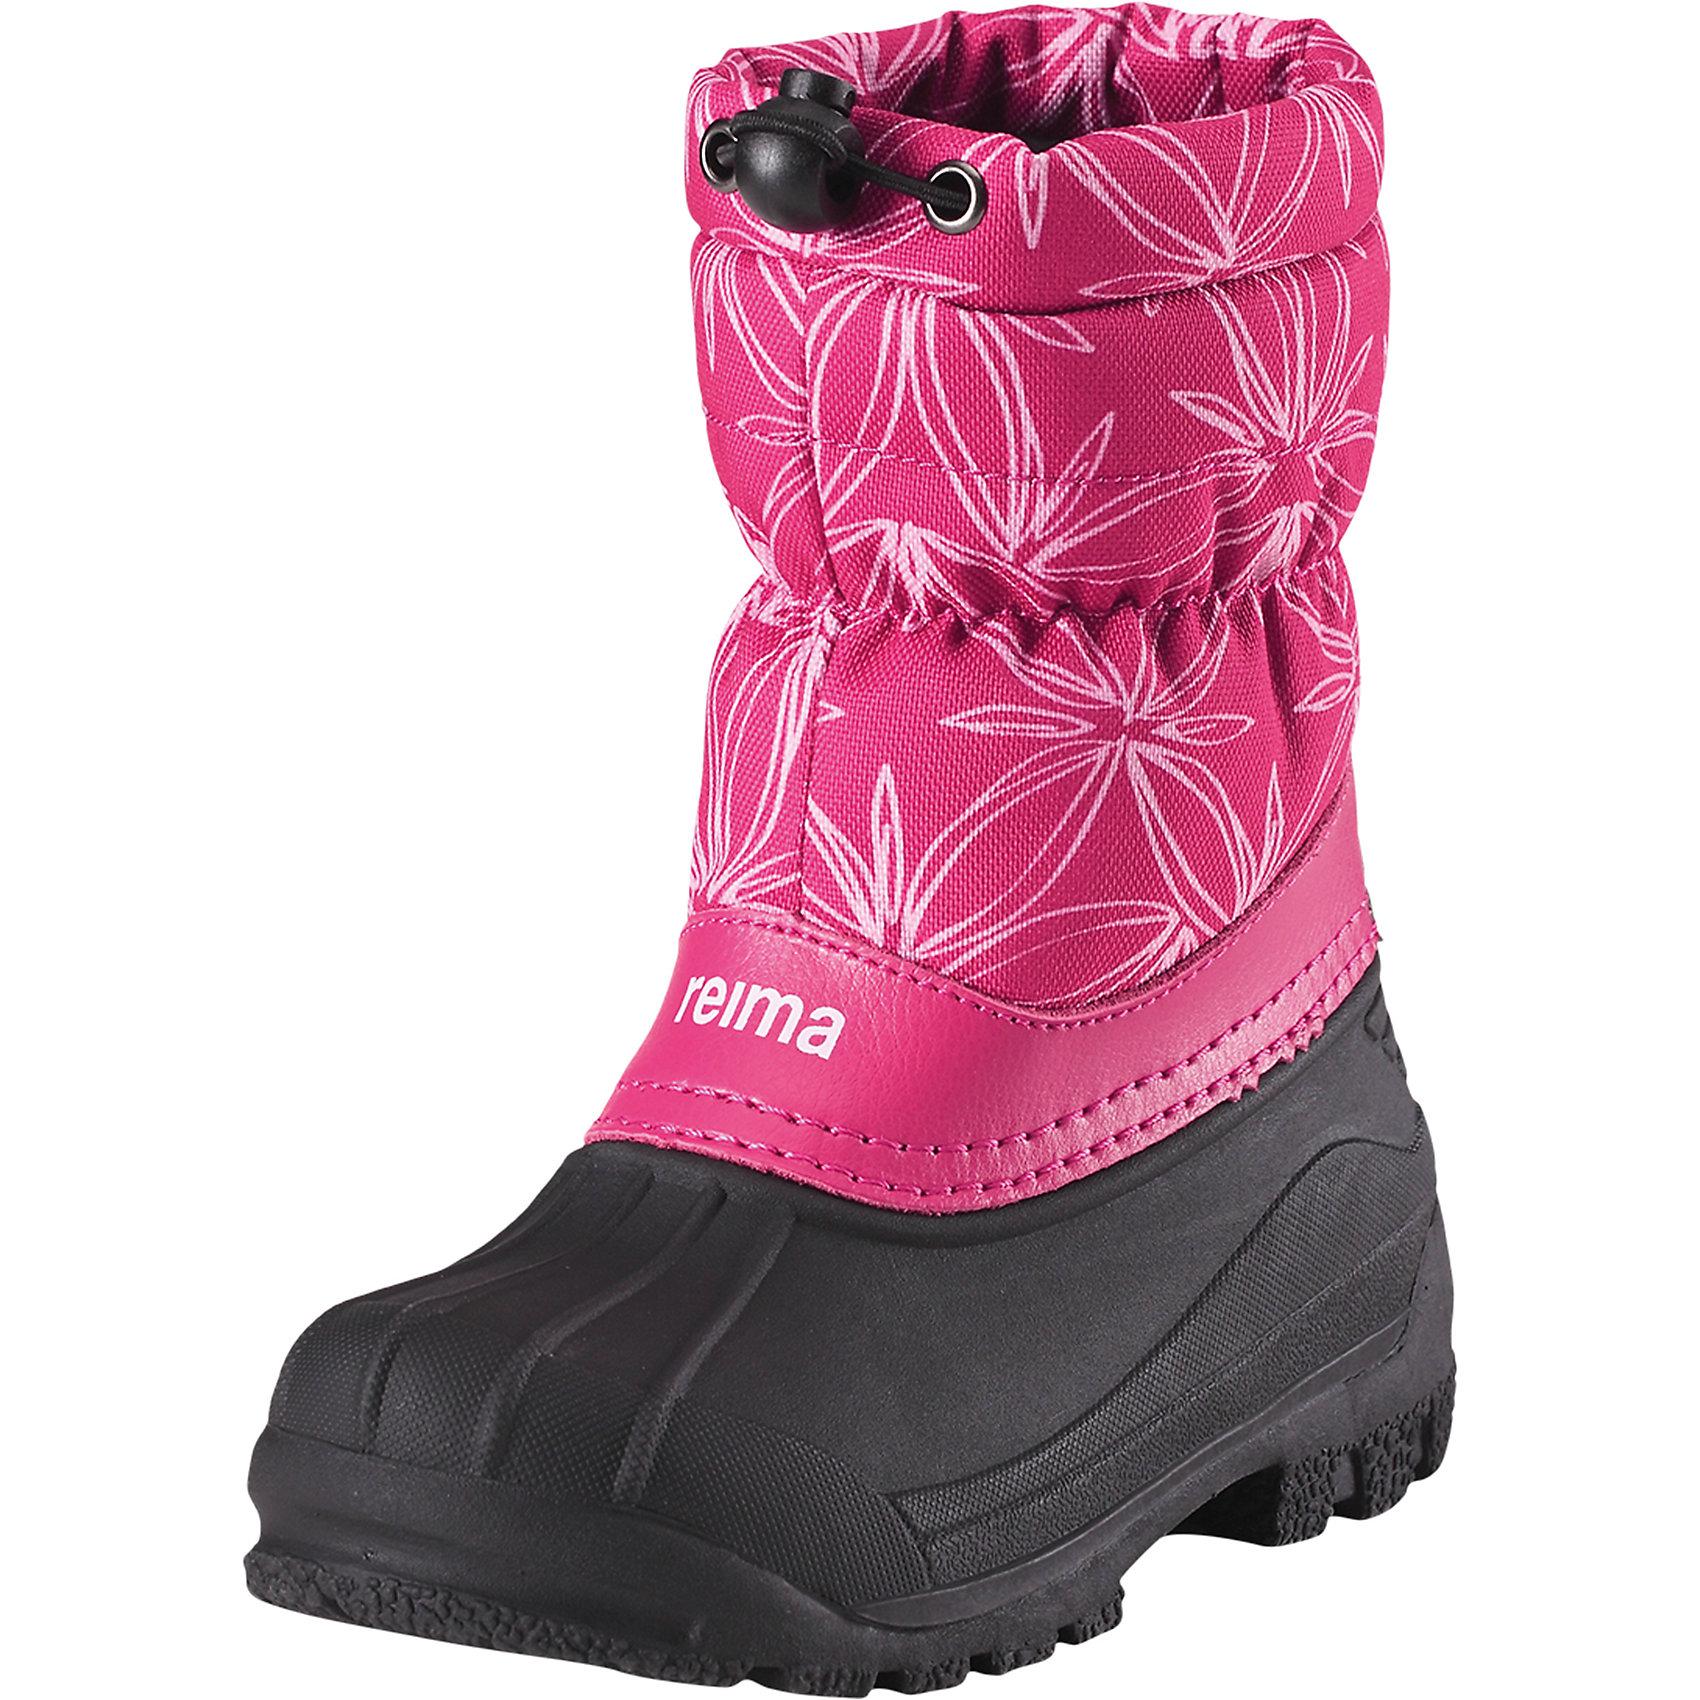 Ботинки Nefar ReimaОбувь<br>Эти детские водоотталкивающие зимние ботинки стали настоящим воплощением классики Reima®. Ботинки защищают ноги от воды не только снизу, но и сверху – галоша сделана из абсолютно непромокаемой и прочной термопластичной резины. Удобное и утепленное голенище тоже не пропускает воду, кроме того, на нем предусмотрена регулируемая защита от снега, которая станет надежным барьером для холода и влаги. Теплая текстильная подкладка согреет ноги во время прогулок в морозную погоду. На заднике имеется светоотражатель, а перед каблуком предусмотрена специальная выемка, позволяющая закреплять штрипки и защищающая их от износа. Эти ботинки легко надевать – полная готовность к активным прогулкам!<br>Состав:<br>Подошва: Термопластичная резина Верх: Полиэстер/Кожа<br><br>Ширина мм: 262<br>Глубина мм: 176<br>Высота мм: 97<br>Вес г: 427<br>Цвет: розовый<br>Возраст от месяцев: 24<br>Возраст до месяцев: 24<br>Пол: Унисекс<br>Возраст: Детский<br>Размер: 25,26,27,28,29,30,31,32,33,34,35,24<br>SKU: 6904880